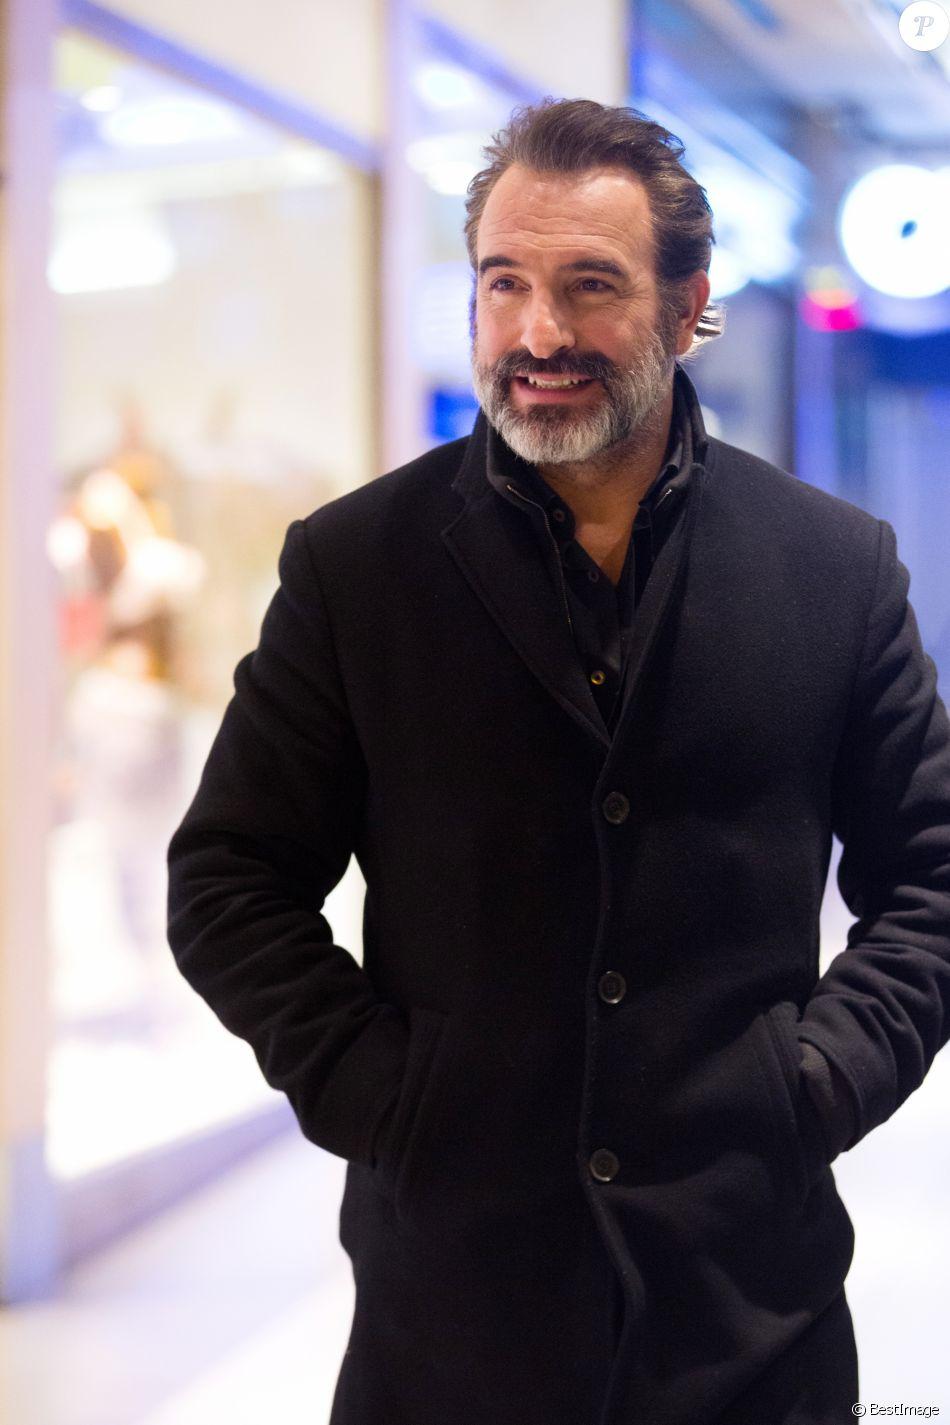 """Exclusif - Jean Dujardin arrive à l'avant-première du film """"Le Retour du héros"""" au cinéma UGC Toison d'Or à Bruxelles, le 6 février 2018."""